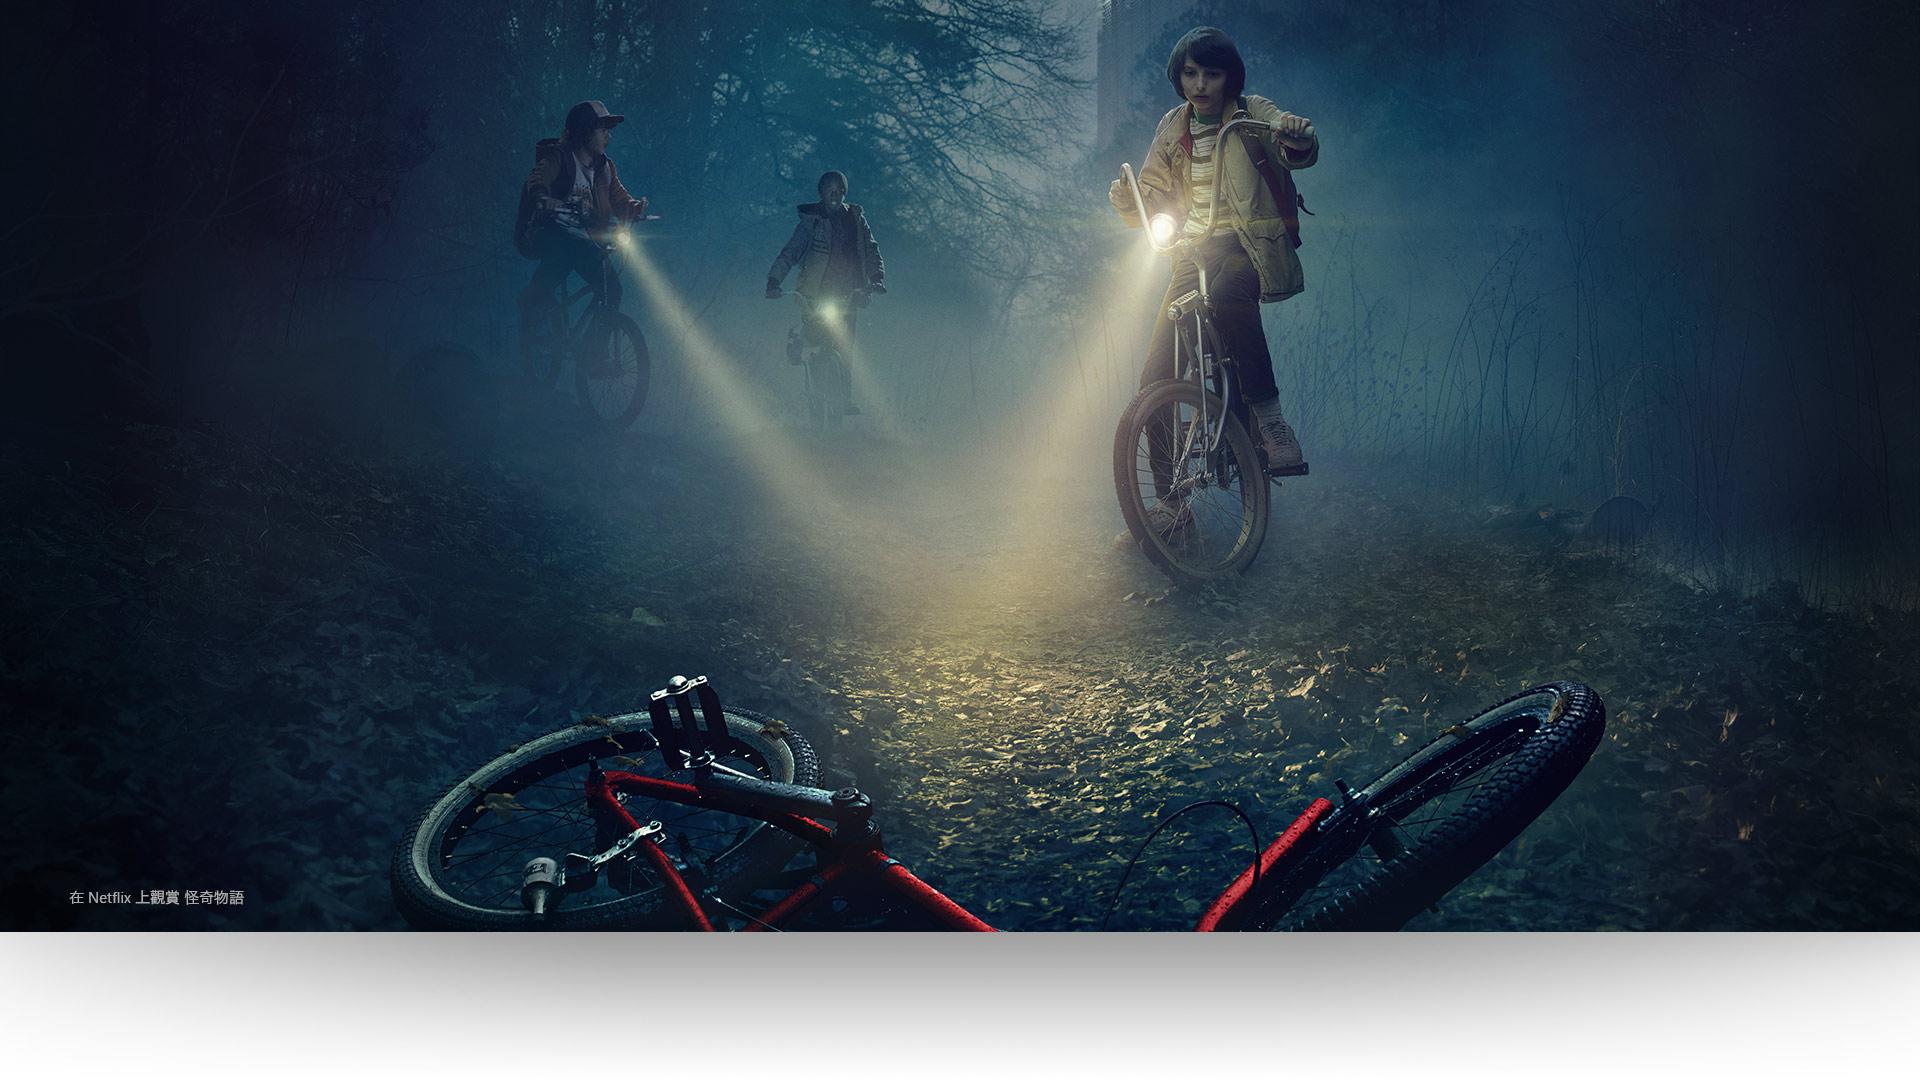 《怪奇物語》 – Dustin、Luca 和 Mike 在陰暗森林小路上,用燈照亮了一輛廢棄自行車。